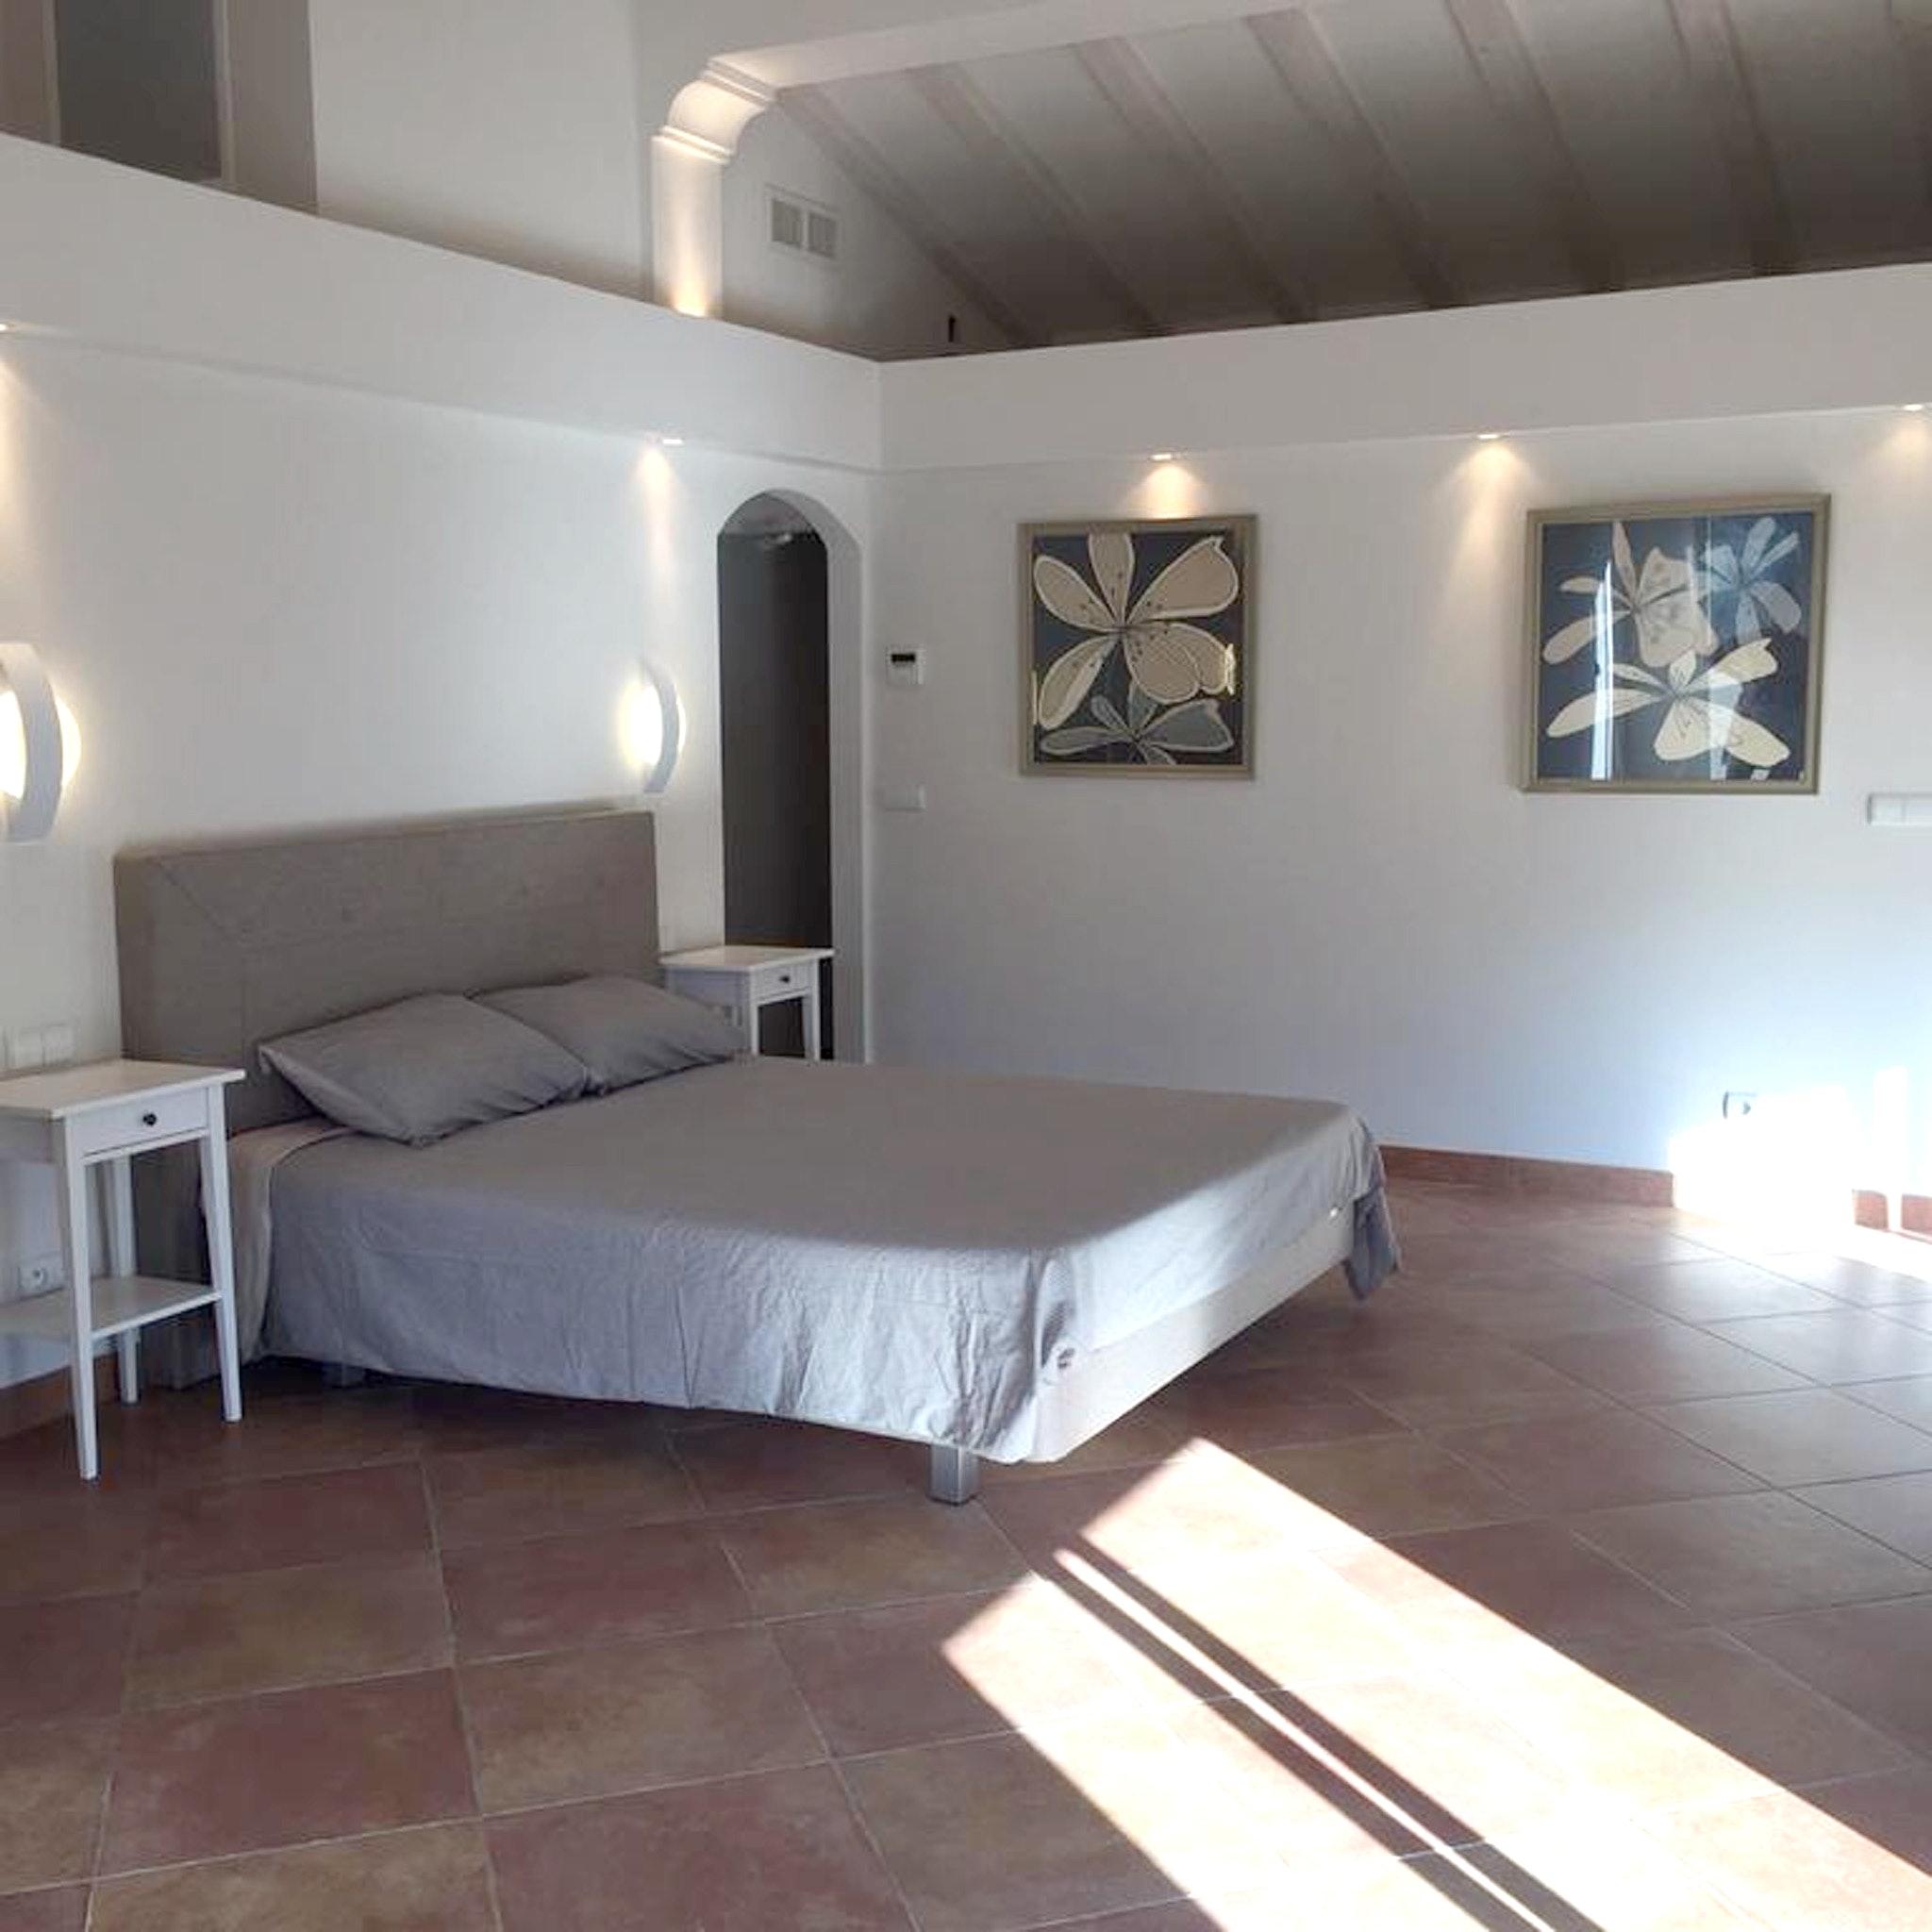 Maison de vacances Villa mit 5 Schlafzimmern in Rayol-Canadel-sur-Mer mit toller Aussicht auf die Berge, priv (2201555), Le Lavandou, Côte d'Azur, Provence - Alpes - Côte d'Azur, France, image 14